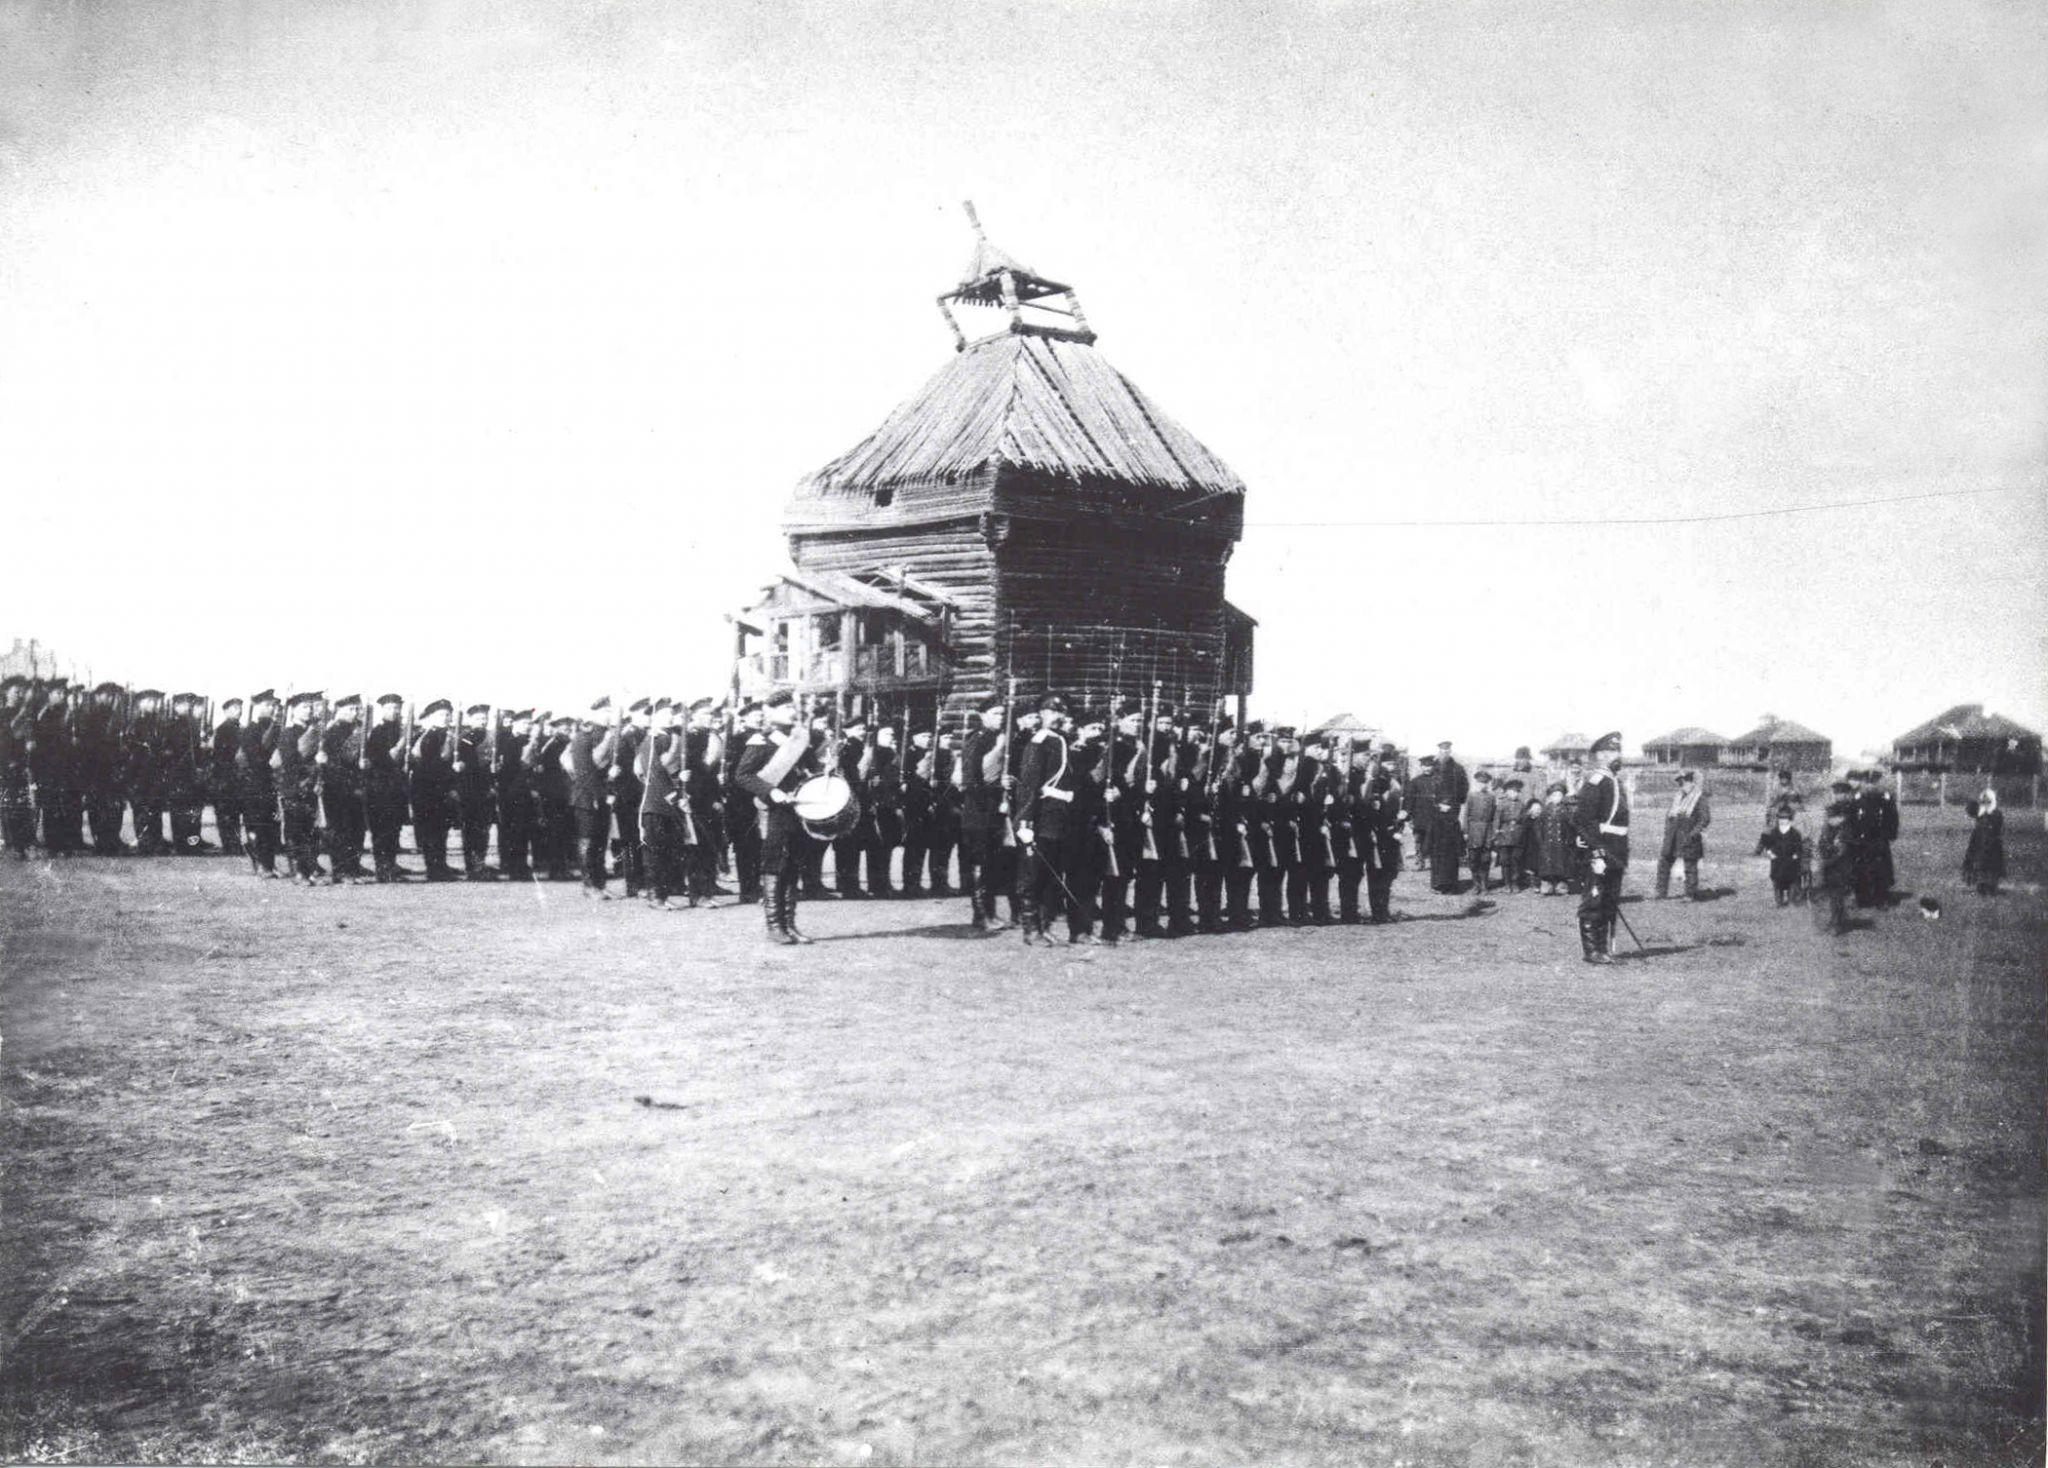 Торжества 1912 года  в историческом центре города, где располагался Якутский острог 26 августа 1912 года